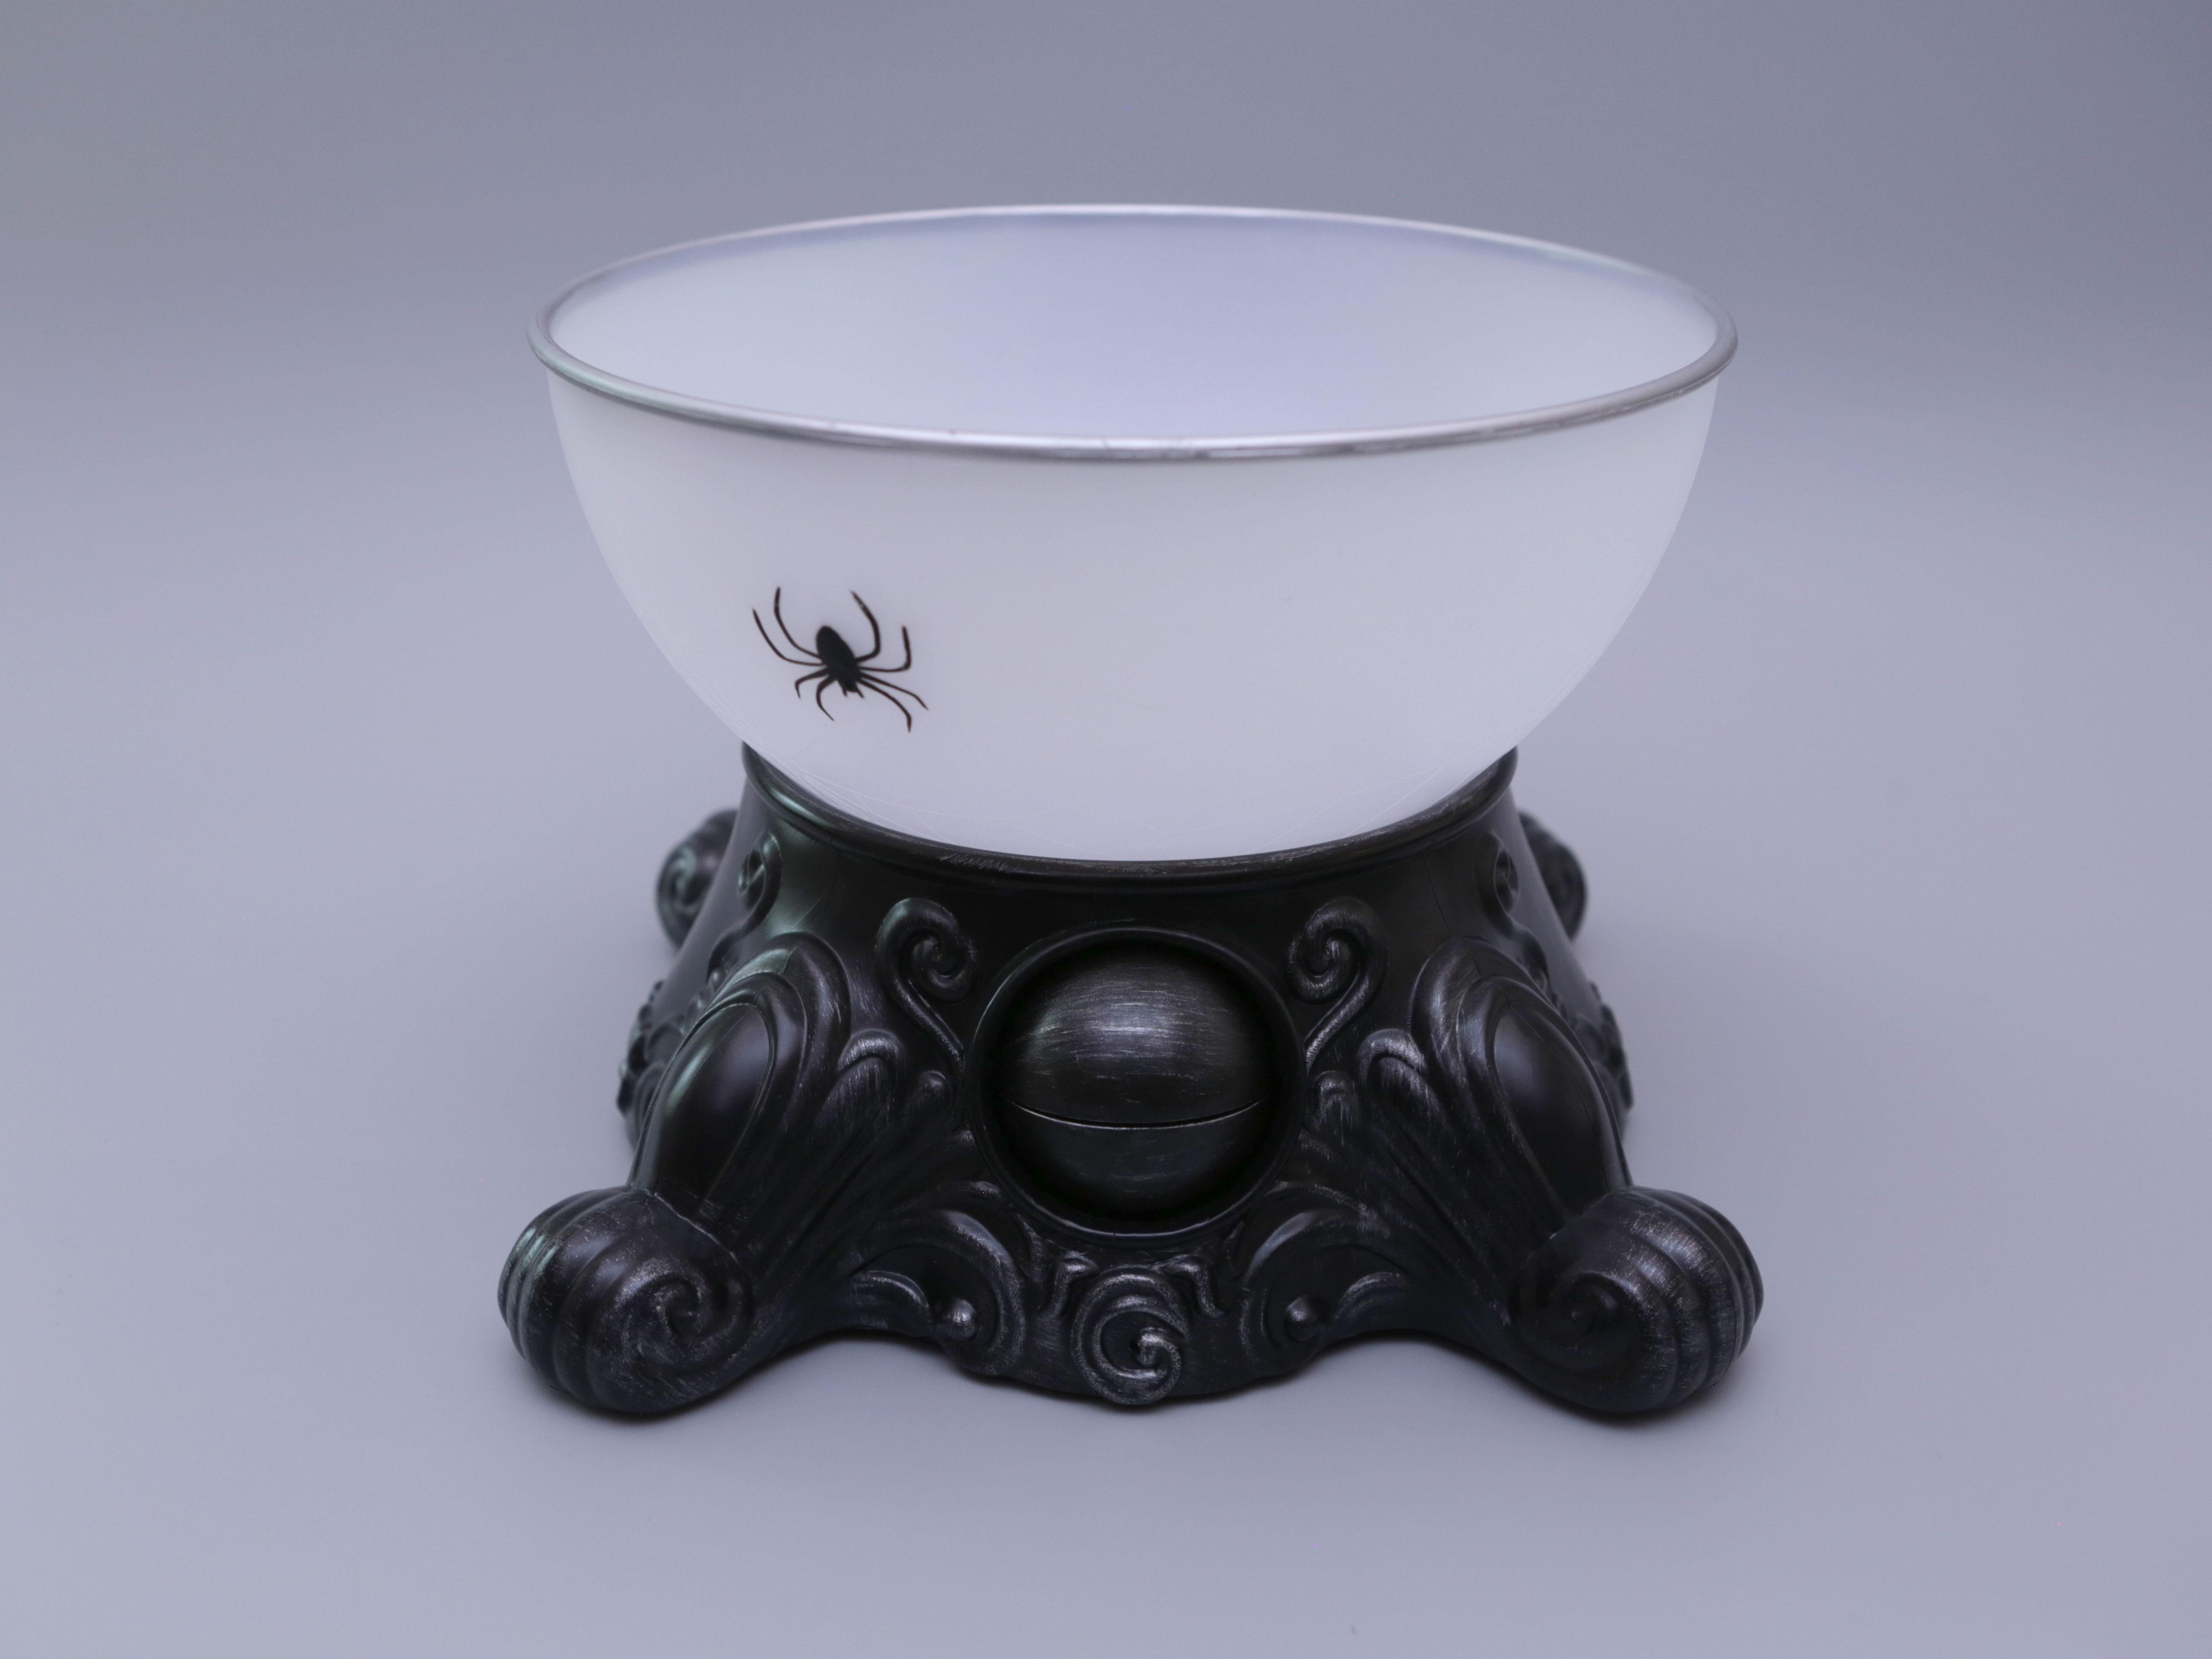 3d_printing_bowl-original.jpg